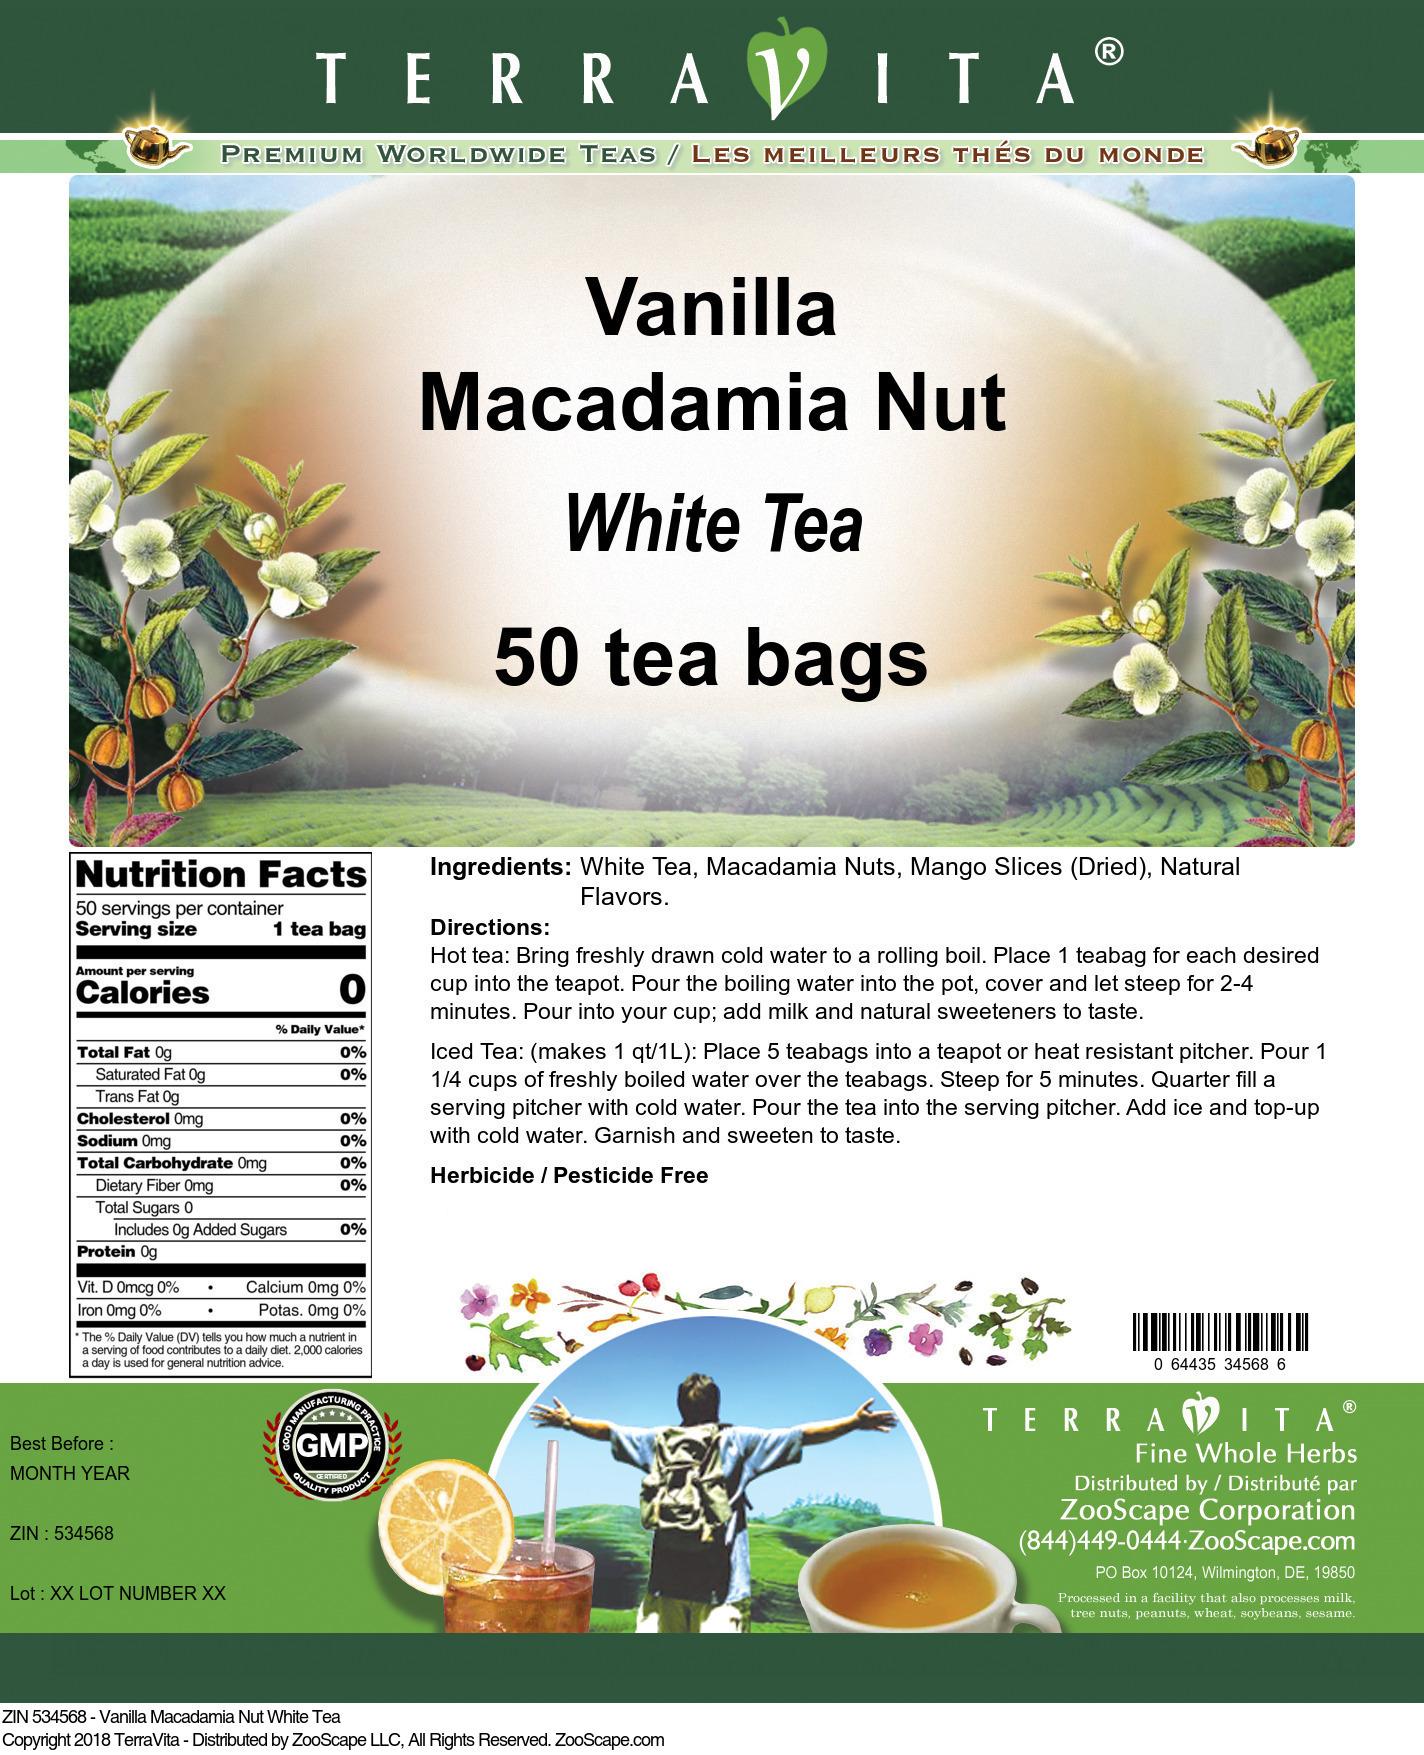 Vanilla Macadamia Nut White Tea